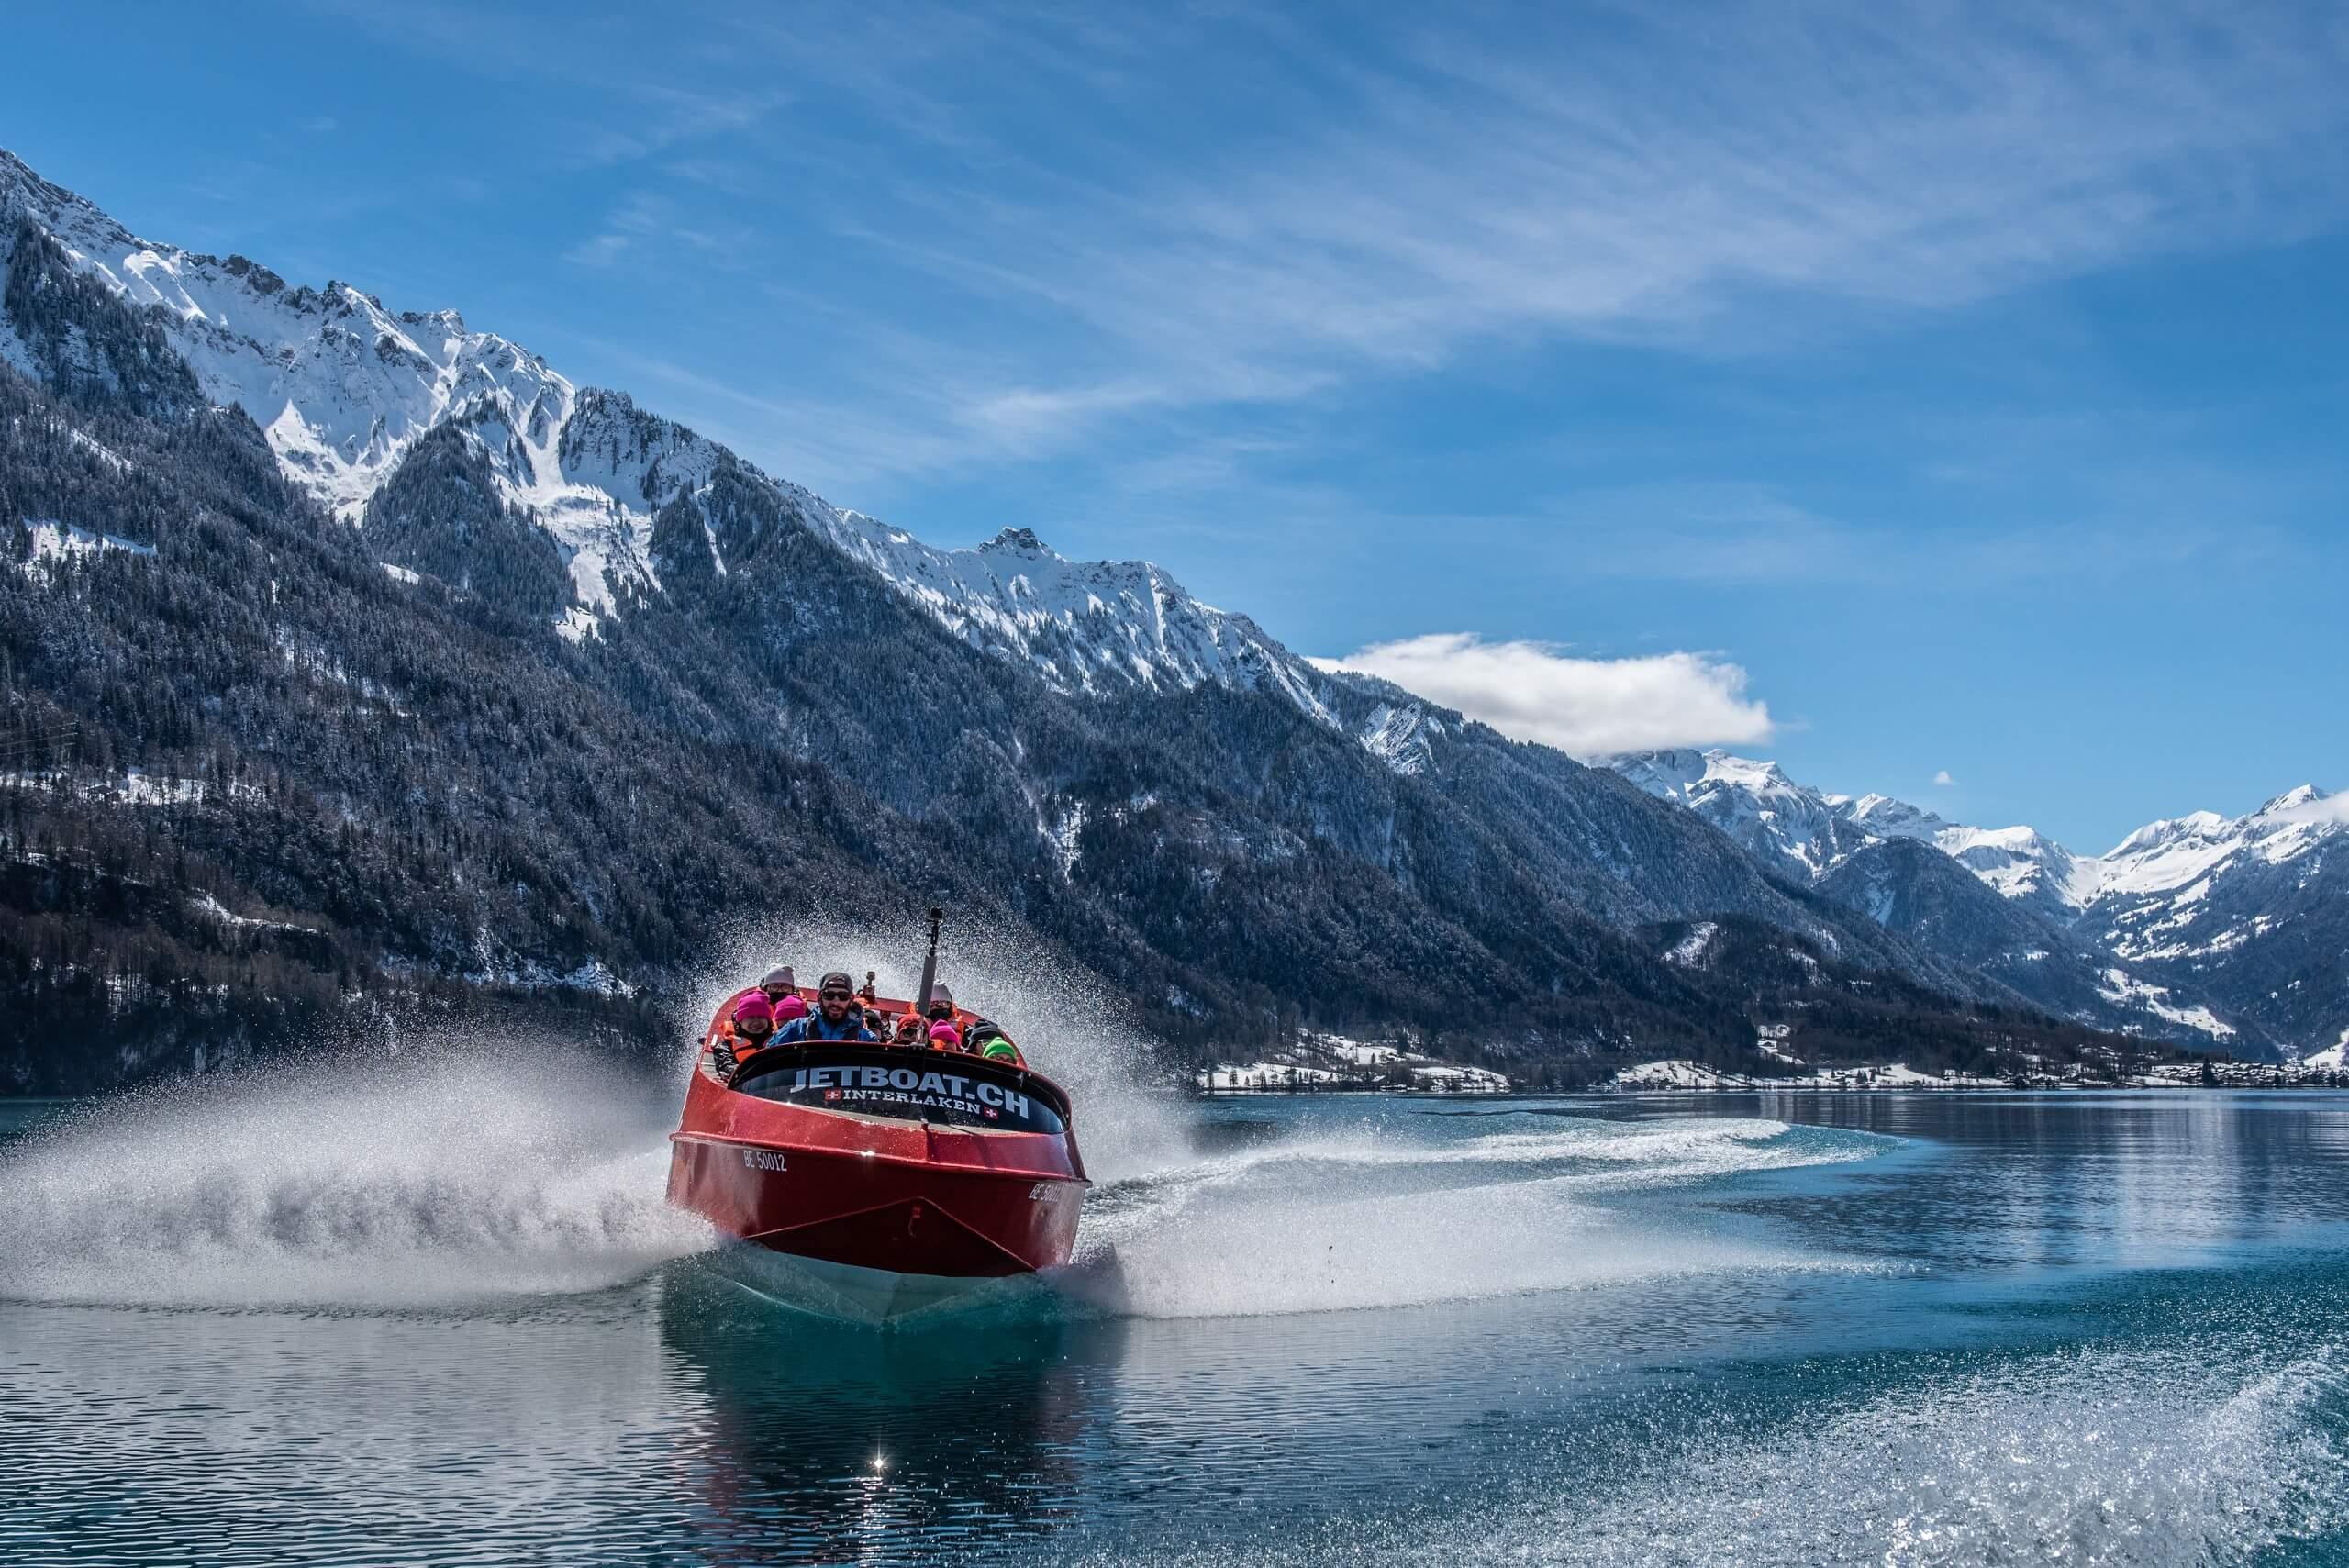 jetboat-winter-brienzersee-schnee.jpg